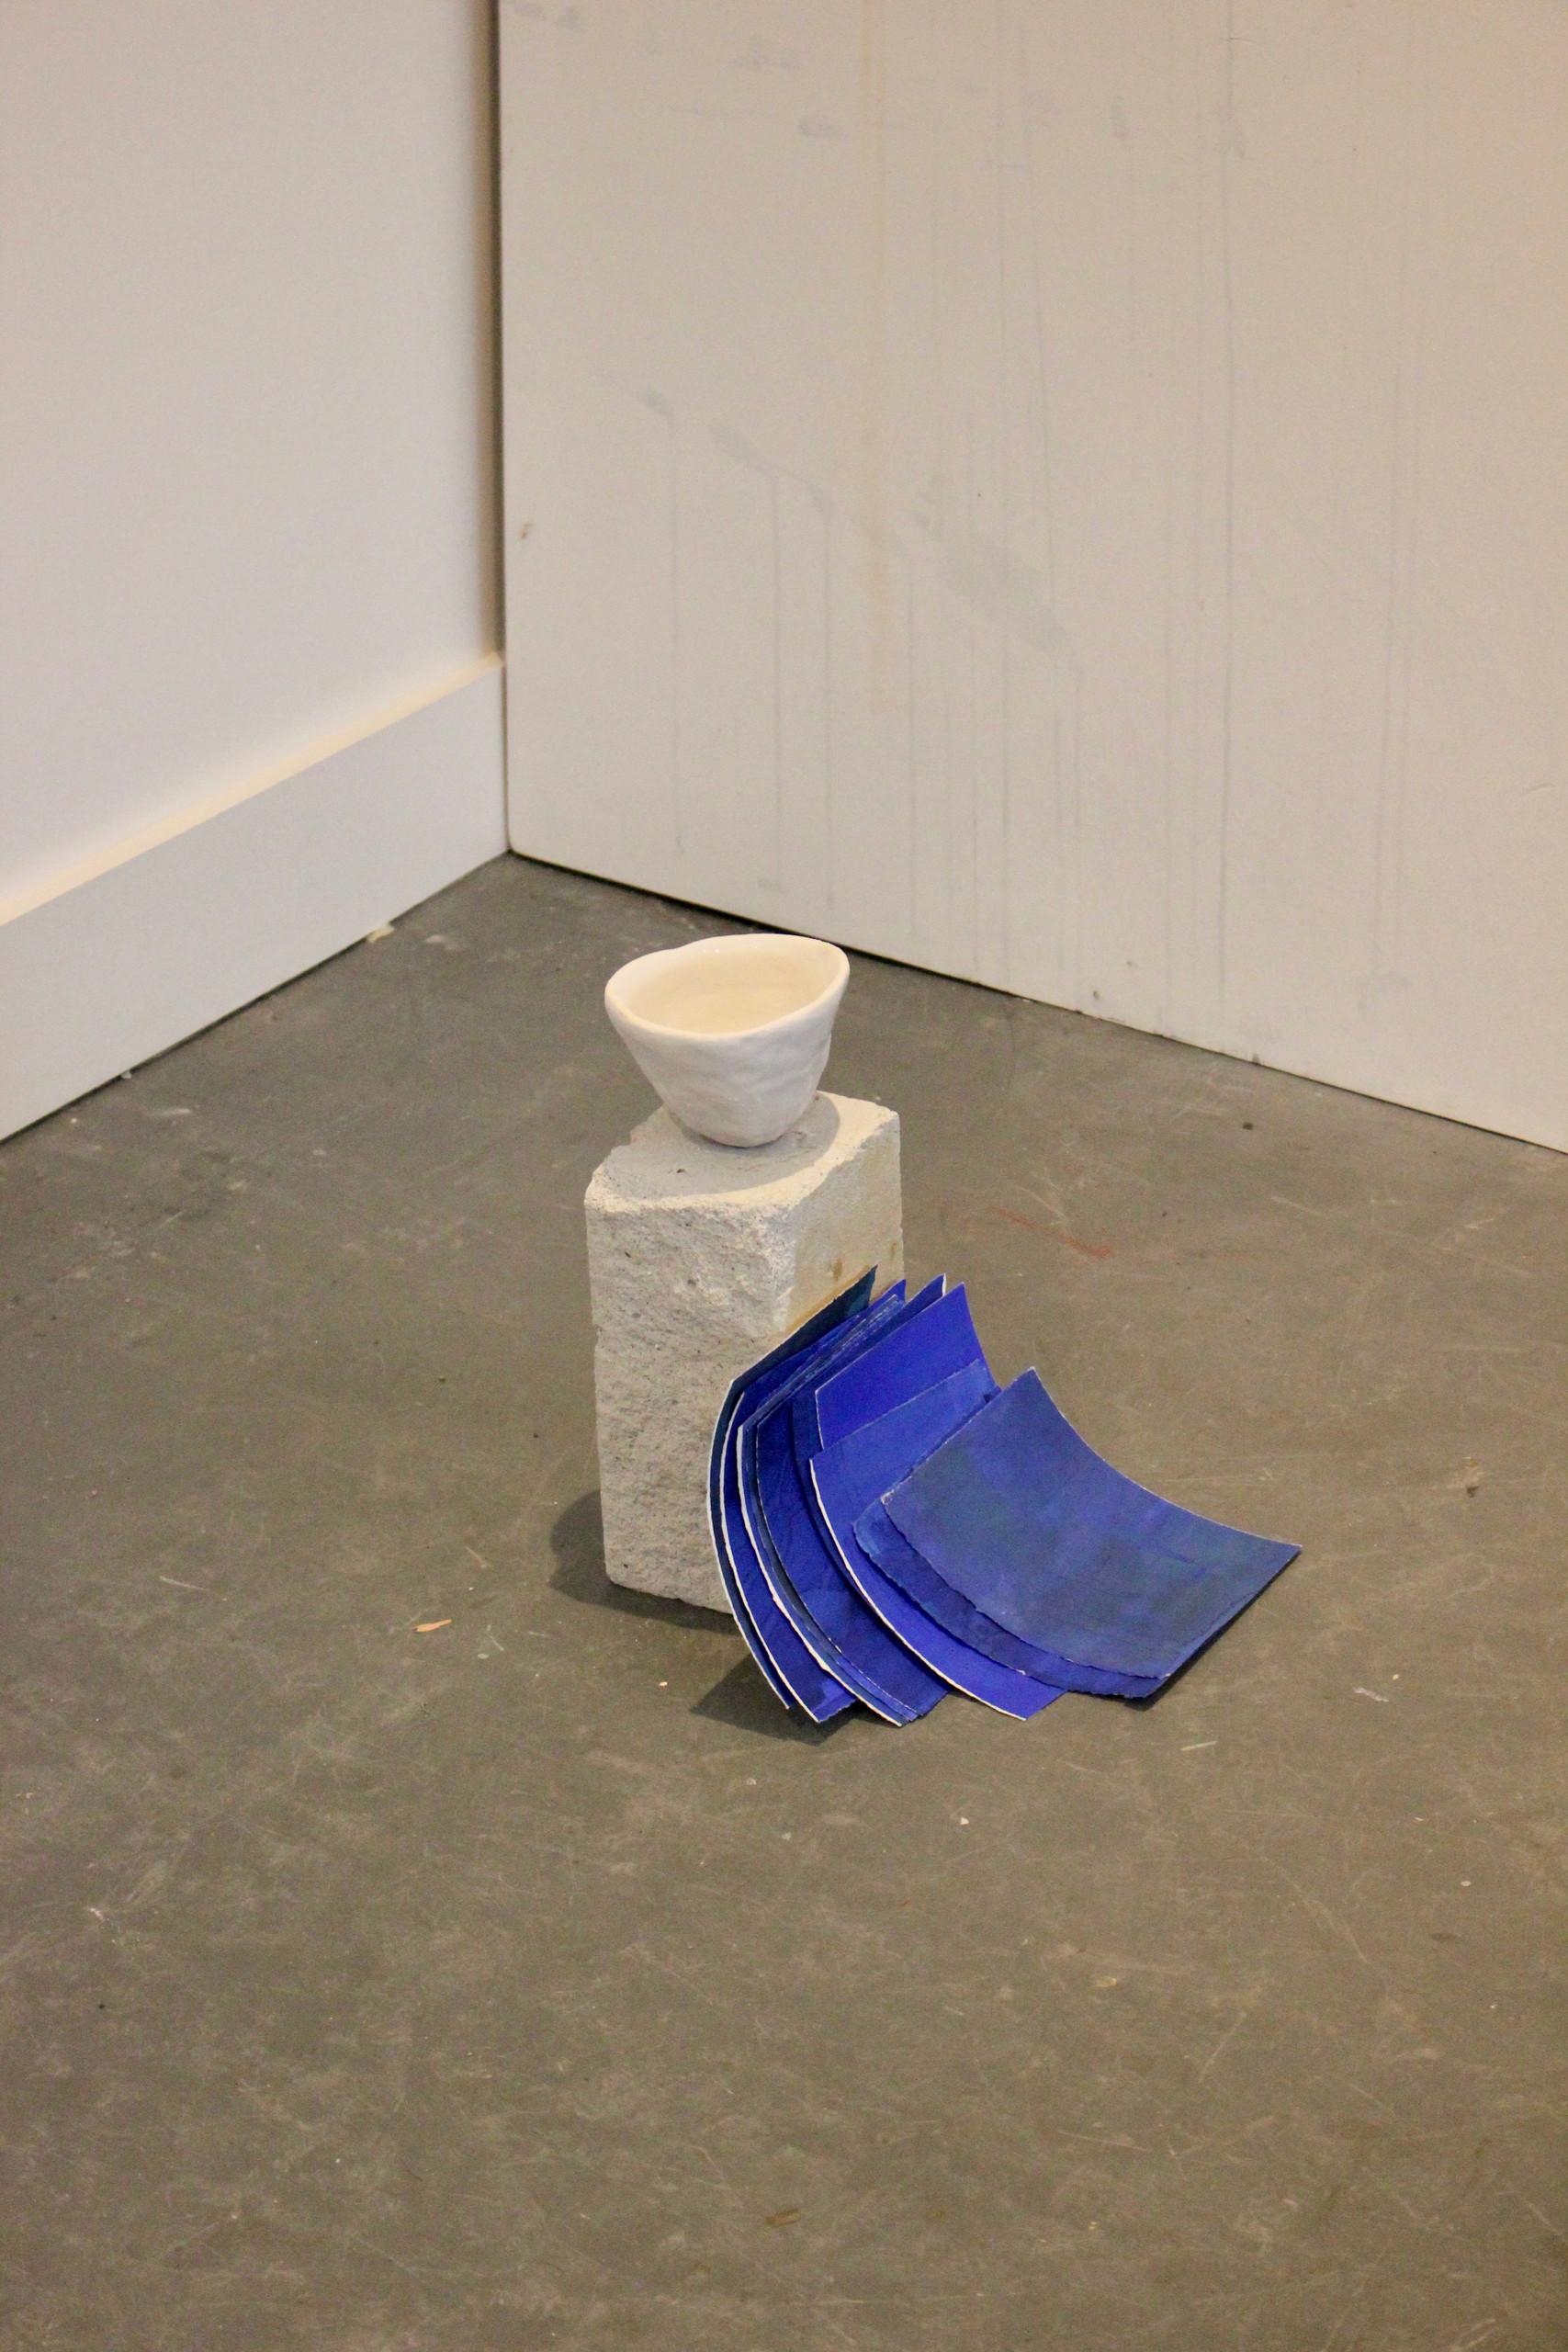 water, vessel, paper waves